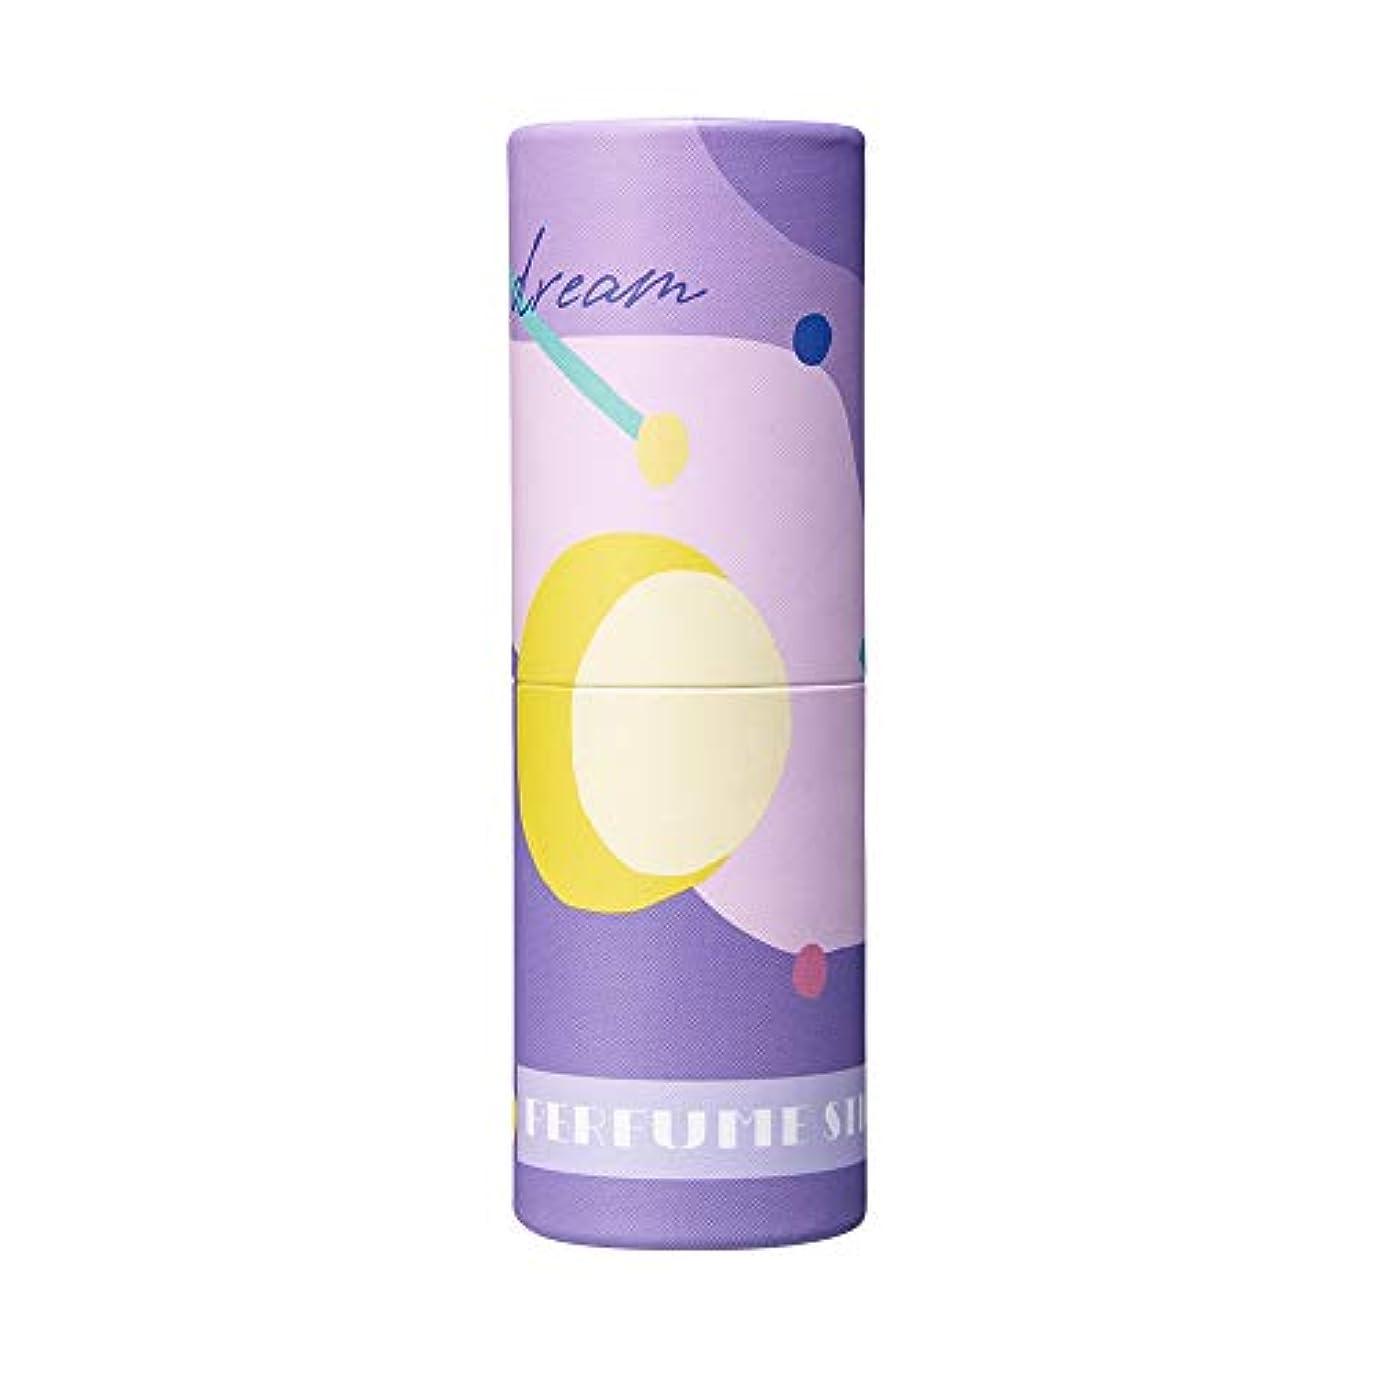 六アテンダント表面パフュームスティック ドリーム ペア&ピーチの香り オリジナルデザイン 5g